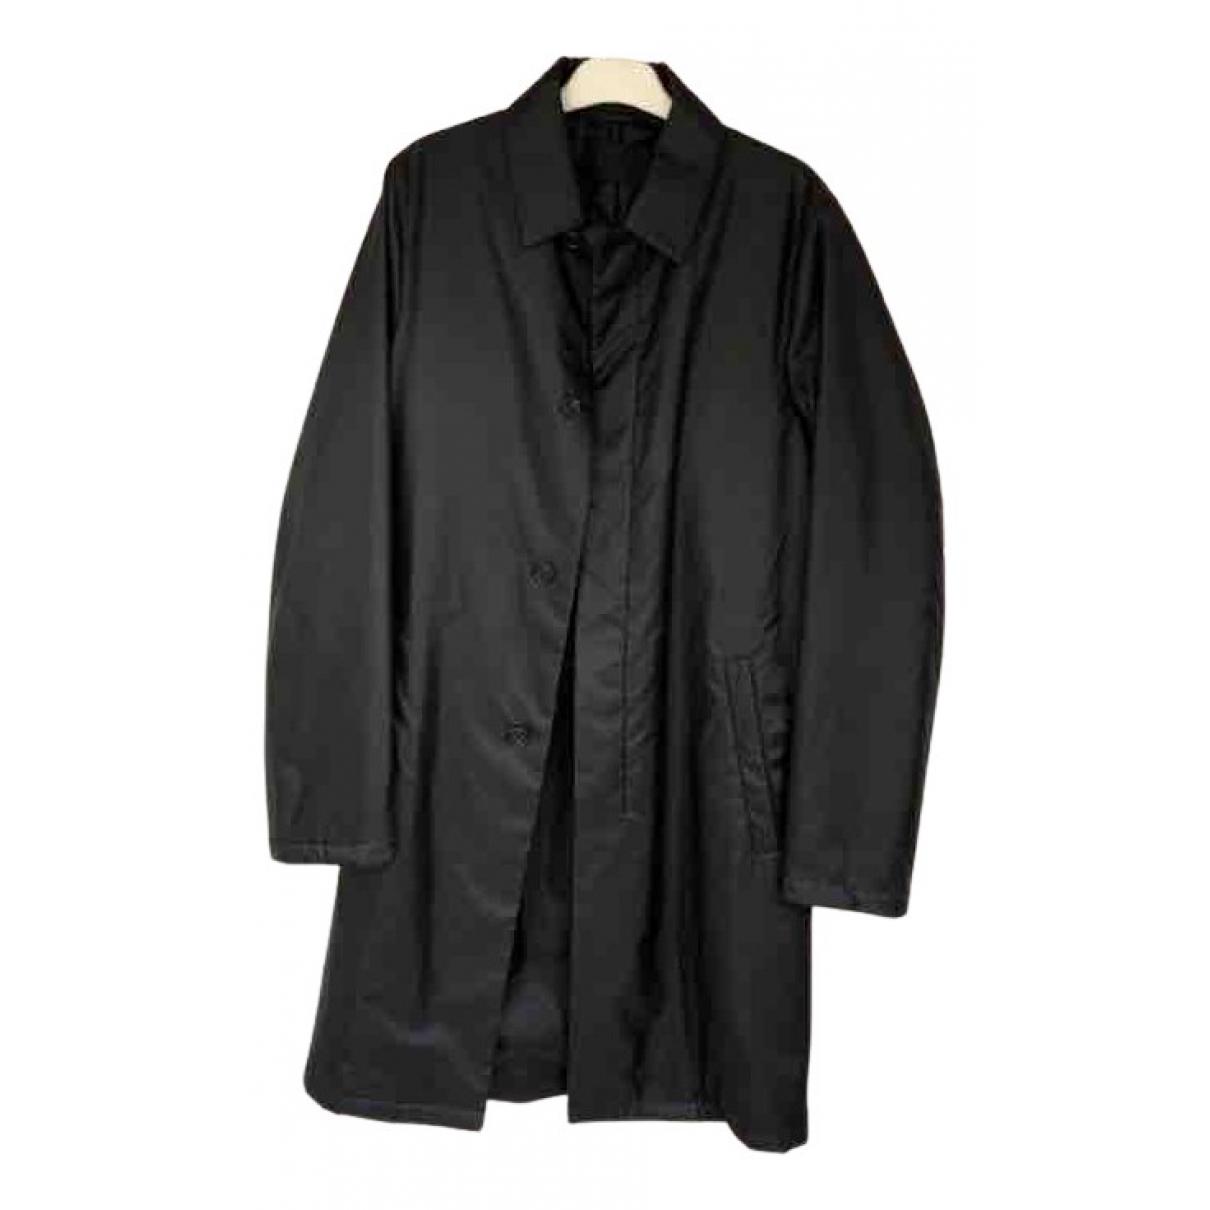 Abrigo en Poliester Negro Prada